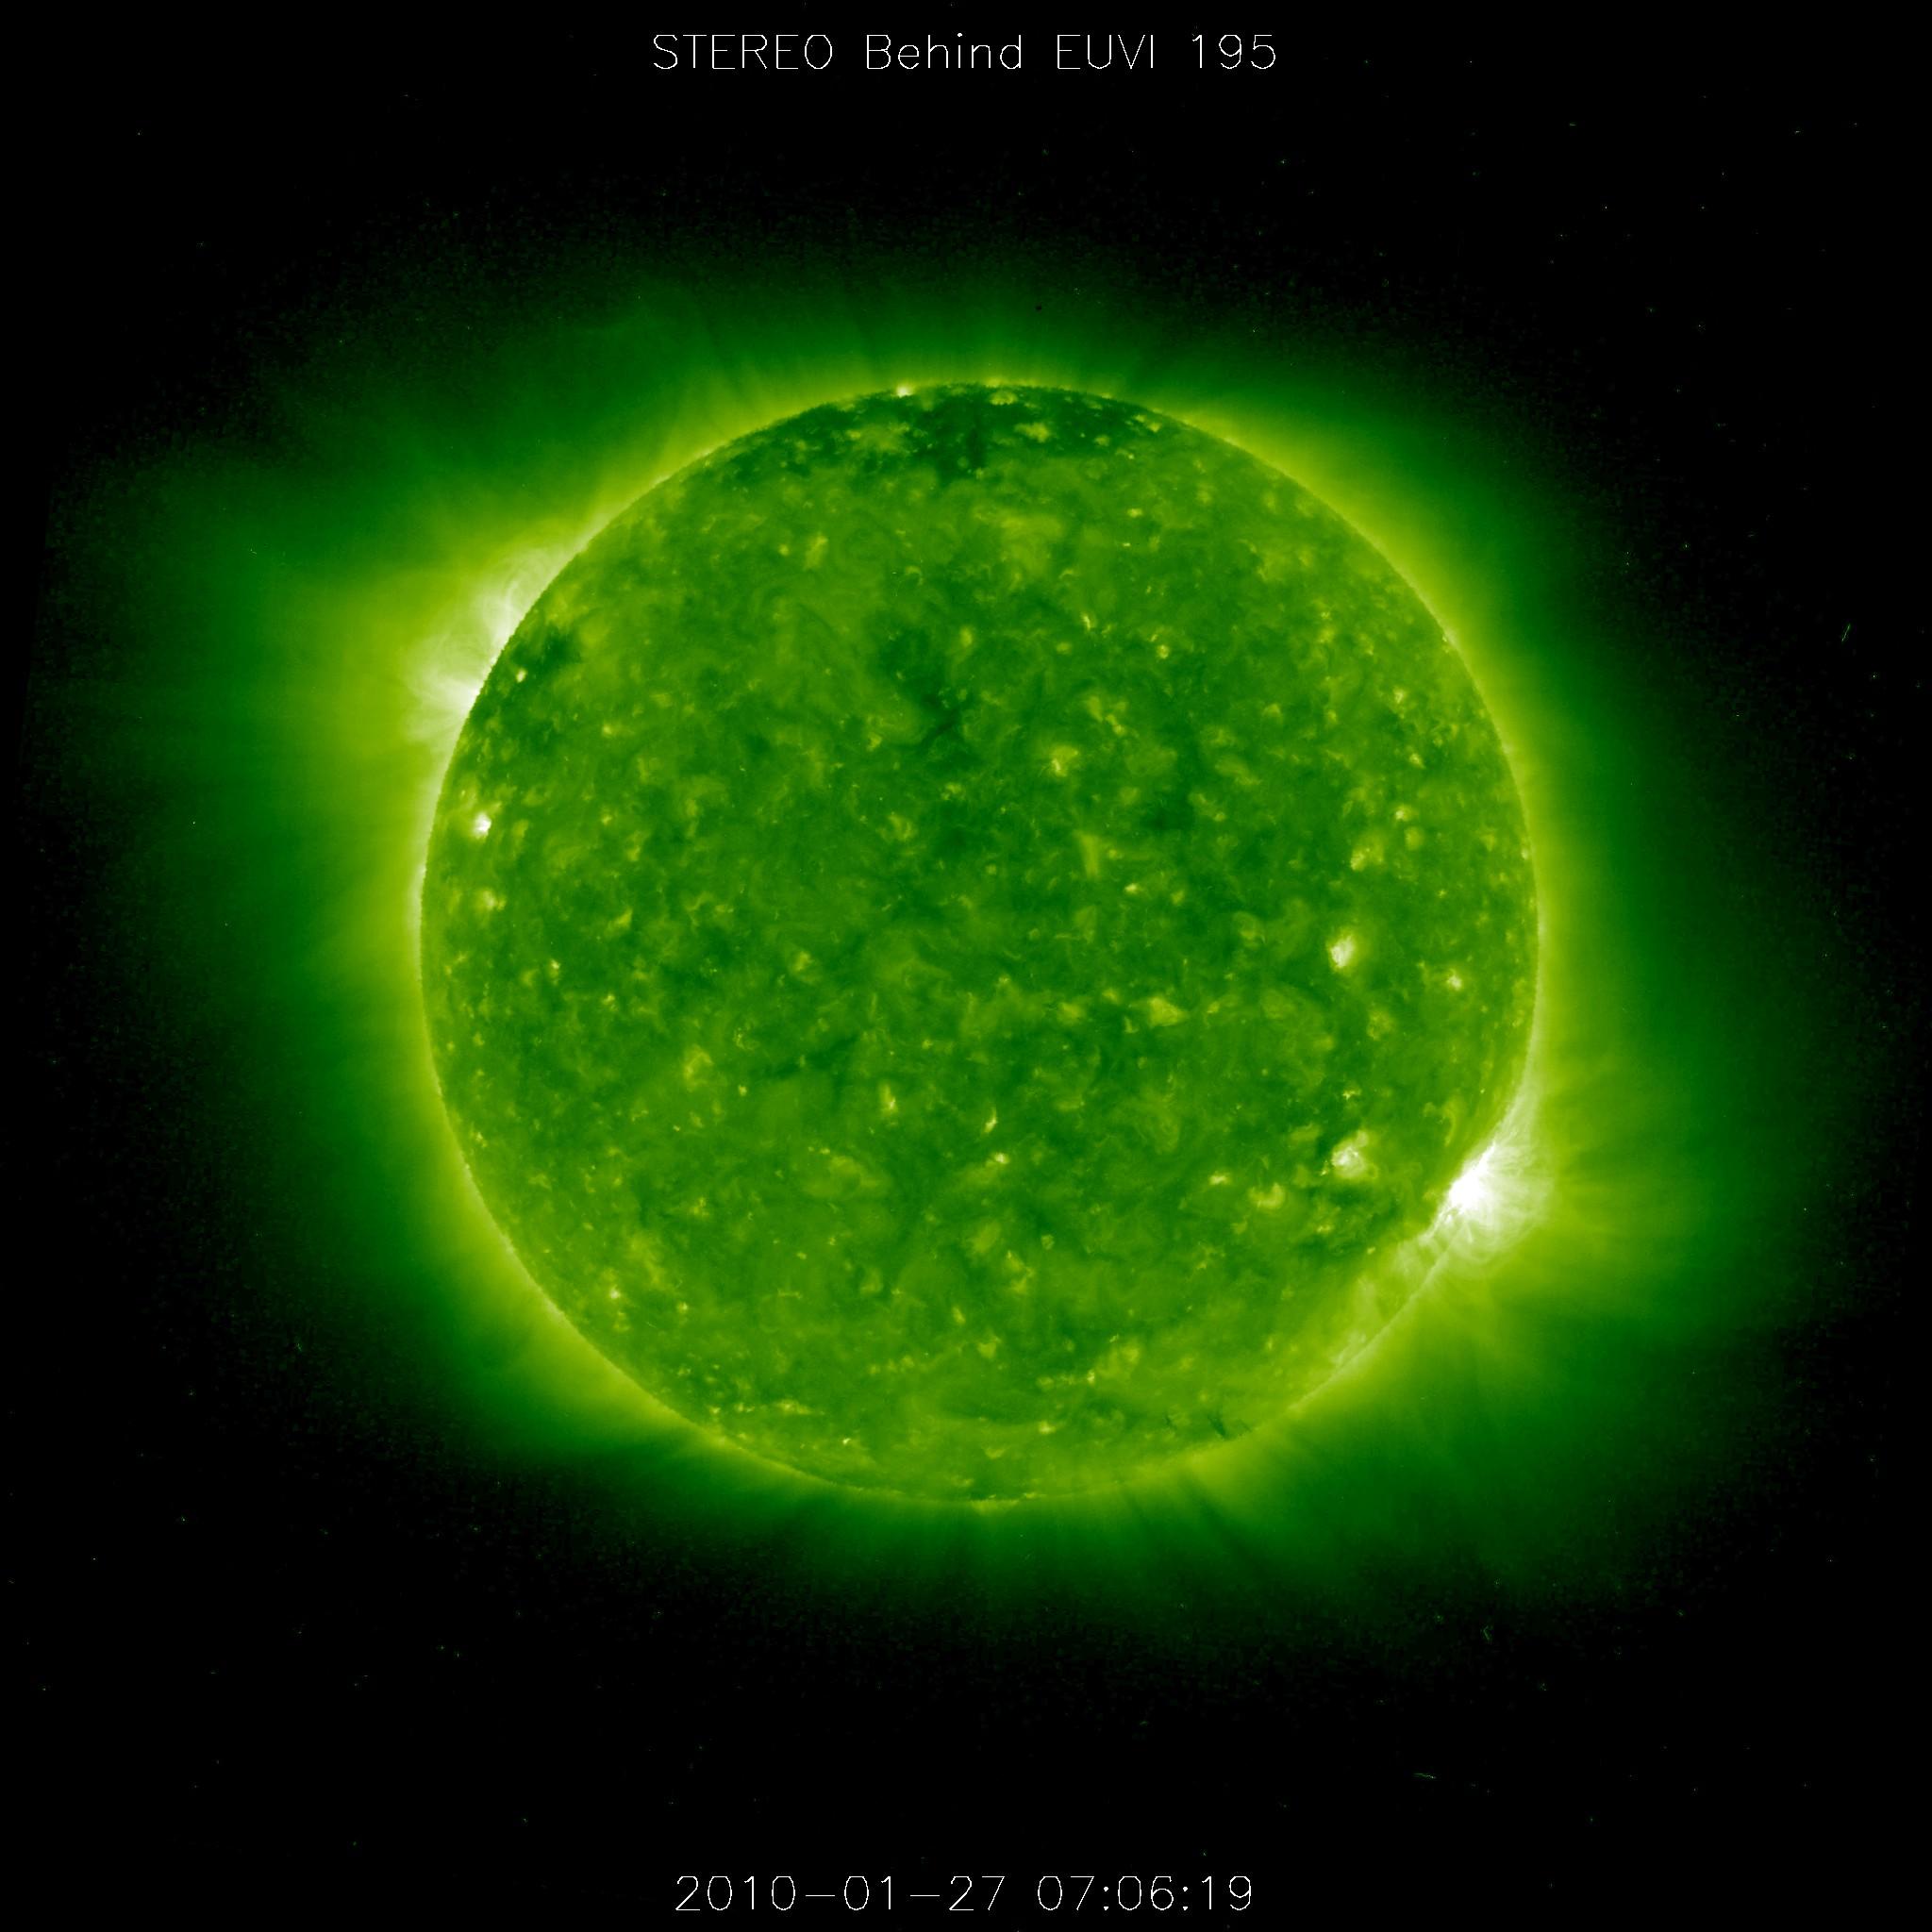 """太陽の周りを回る""""謎の宇宙文明""""?:NASAその証拠を消去!?_e0171614_18521290.jpg"""